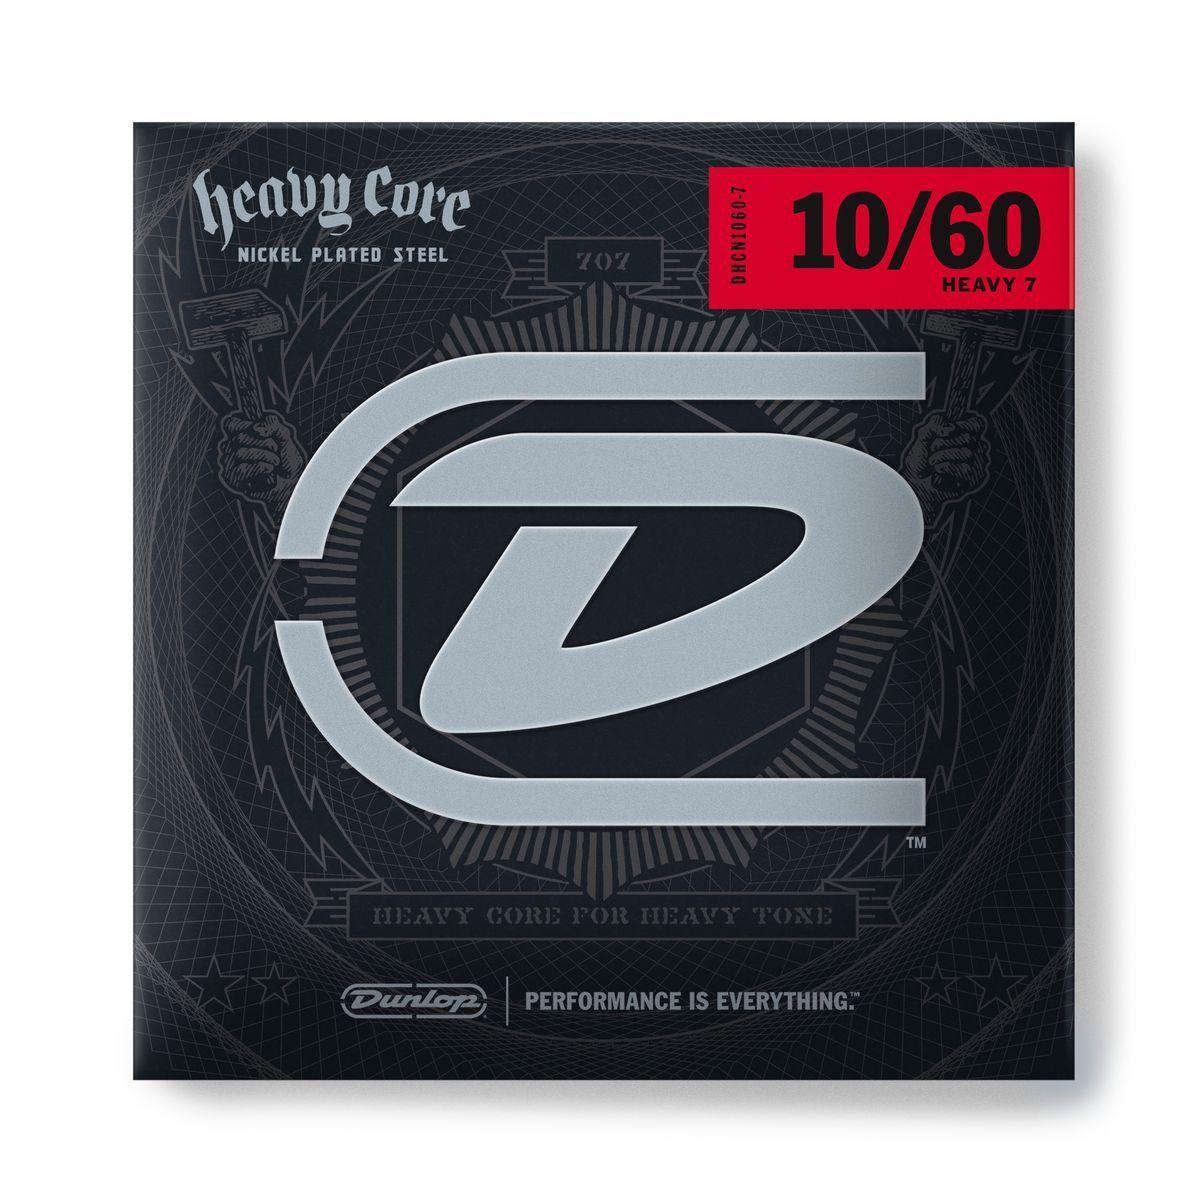 DHCN1060-7 Heavy Core Комплект струн для 7-струнной электрогитары, никелированные, 10-60, Dunlop